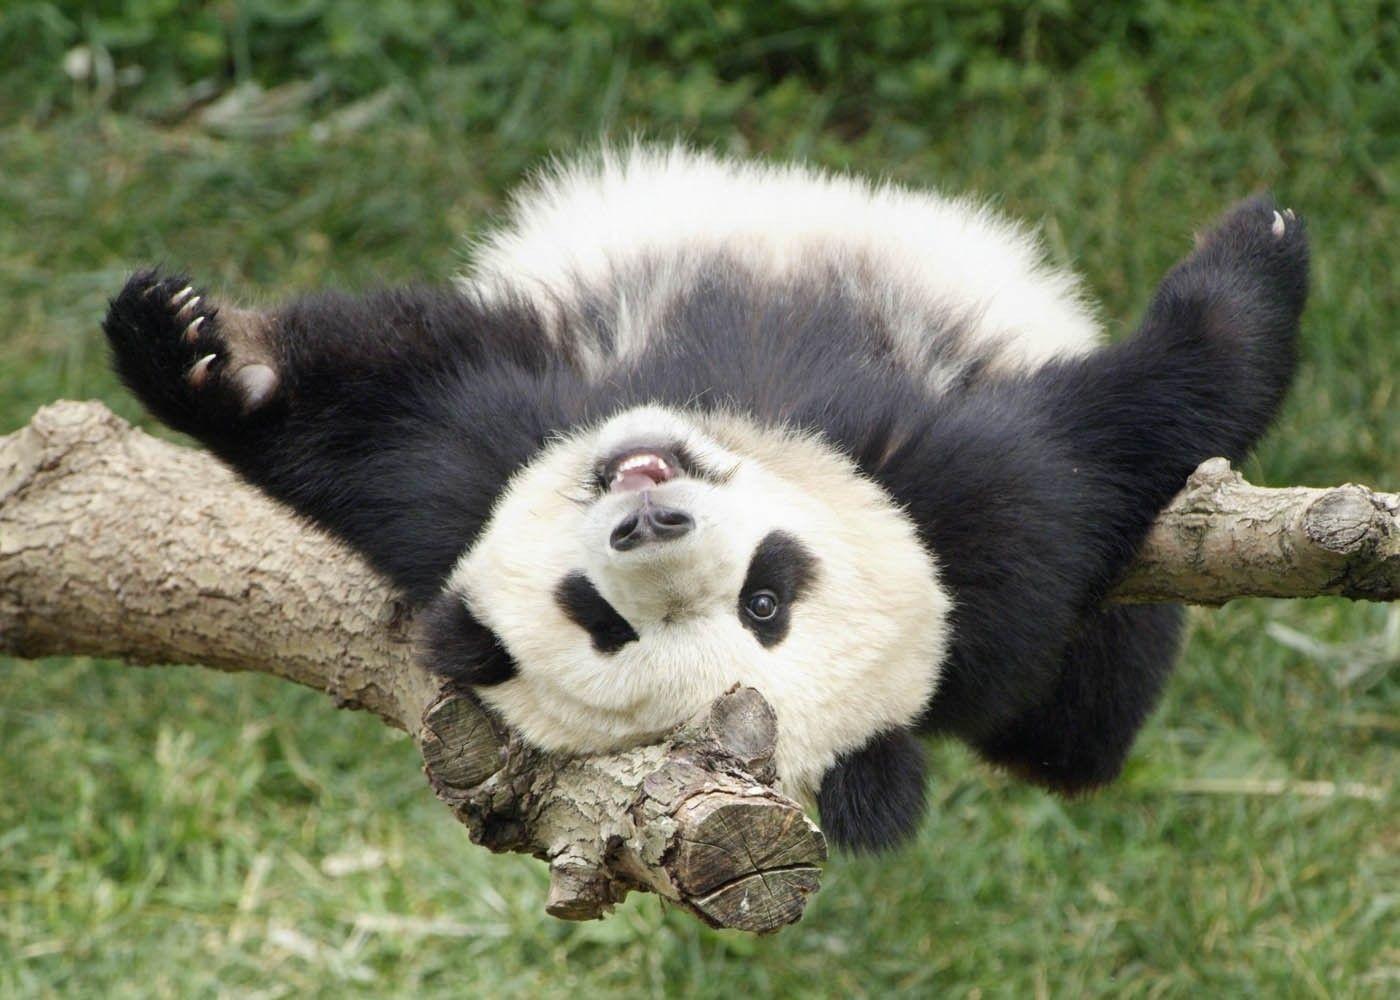 Работа мечты: сотрудники Московского зоопарка поедут в КНР учиться обнимать панд